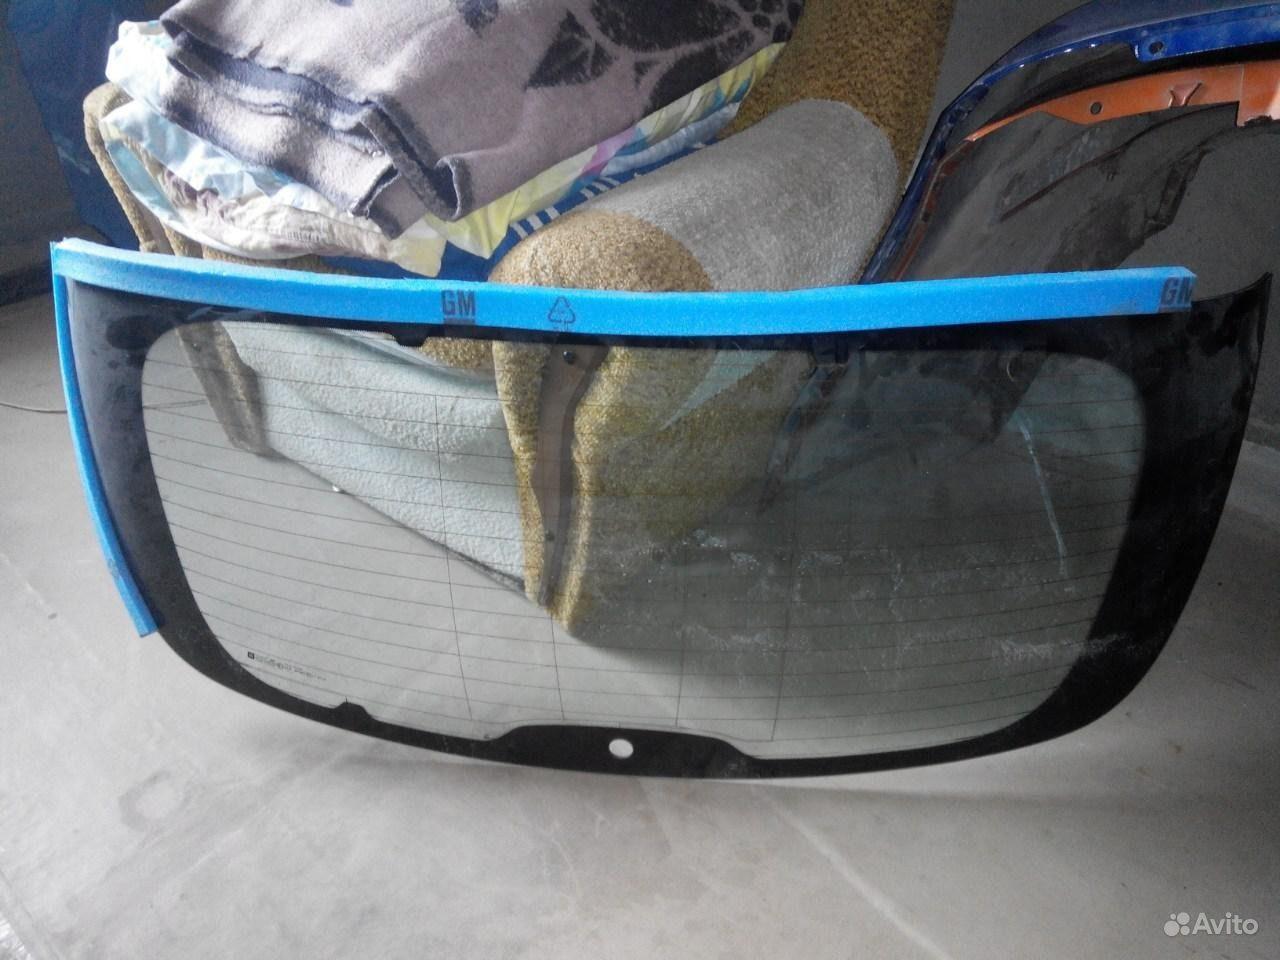 Лобовое стекло на опель астра j 2012 года